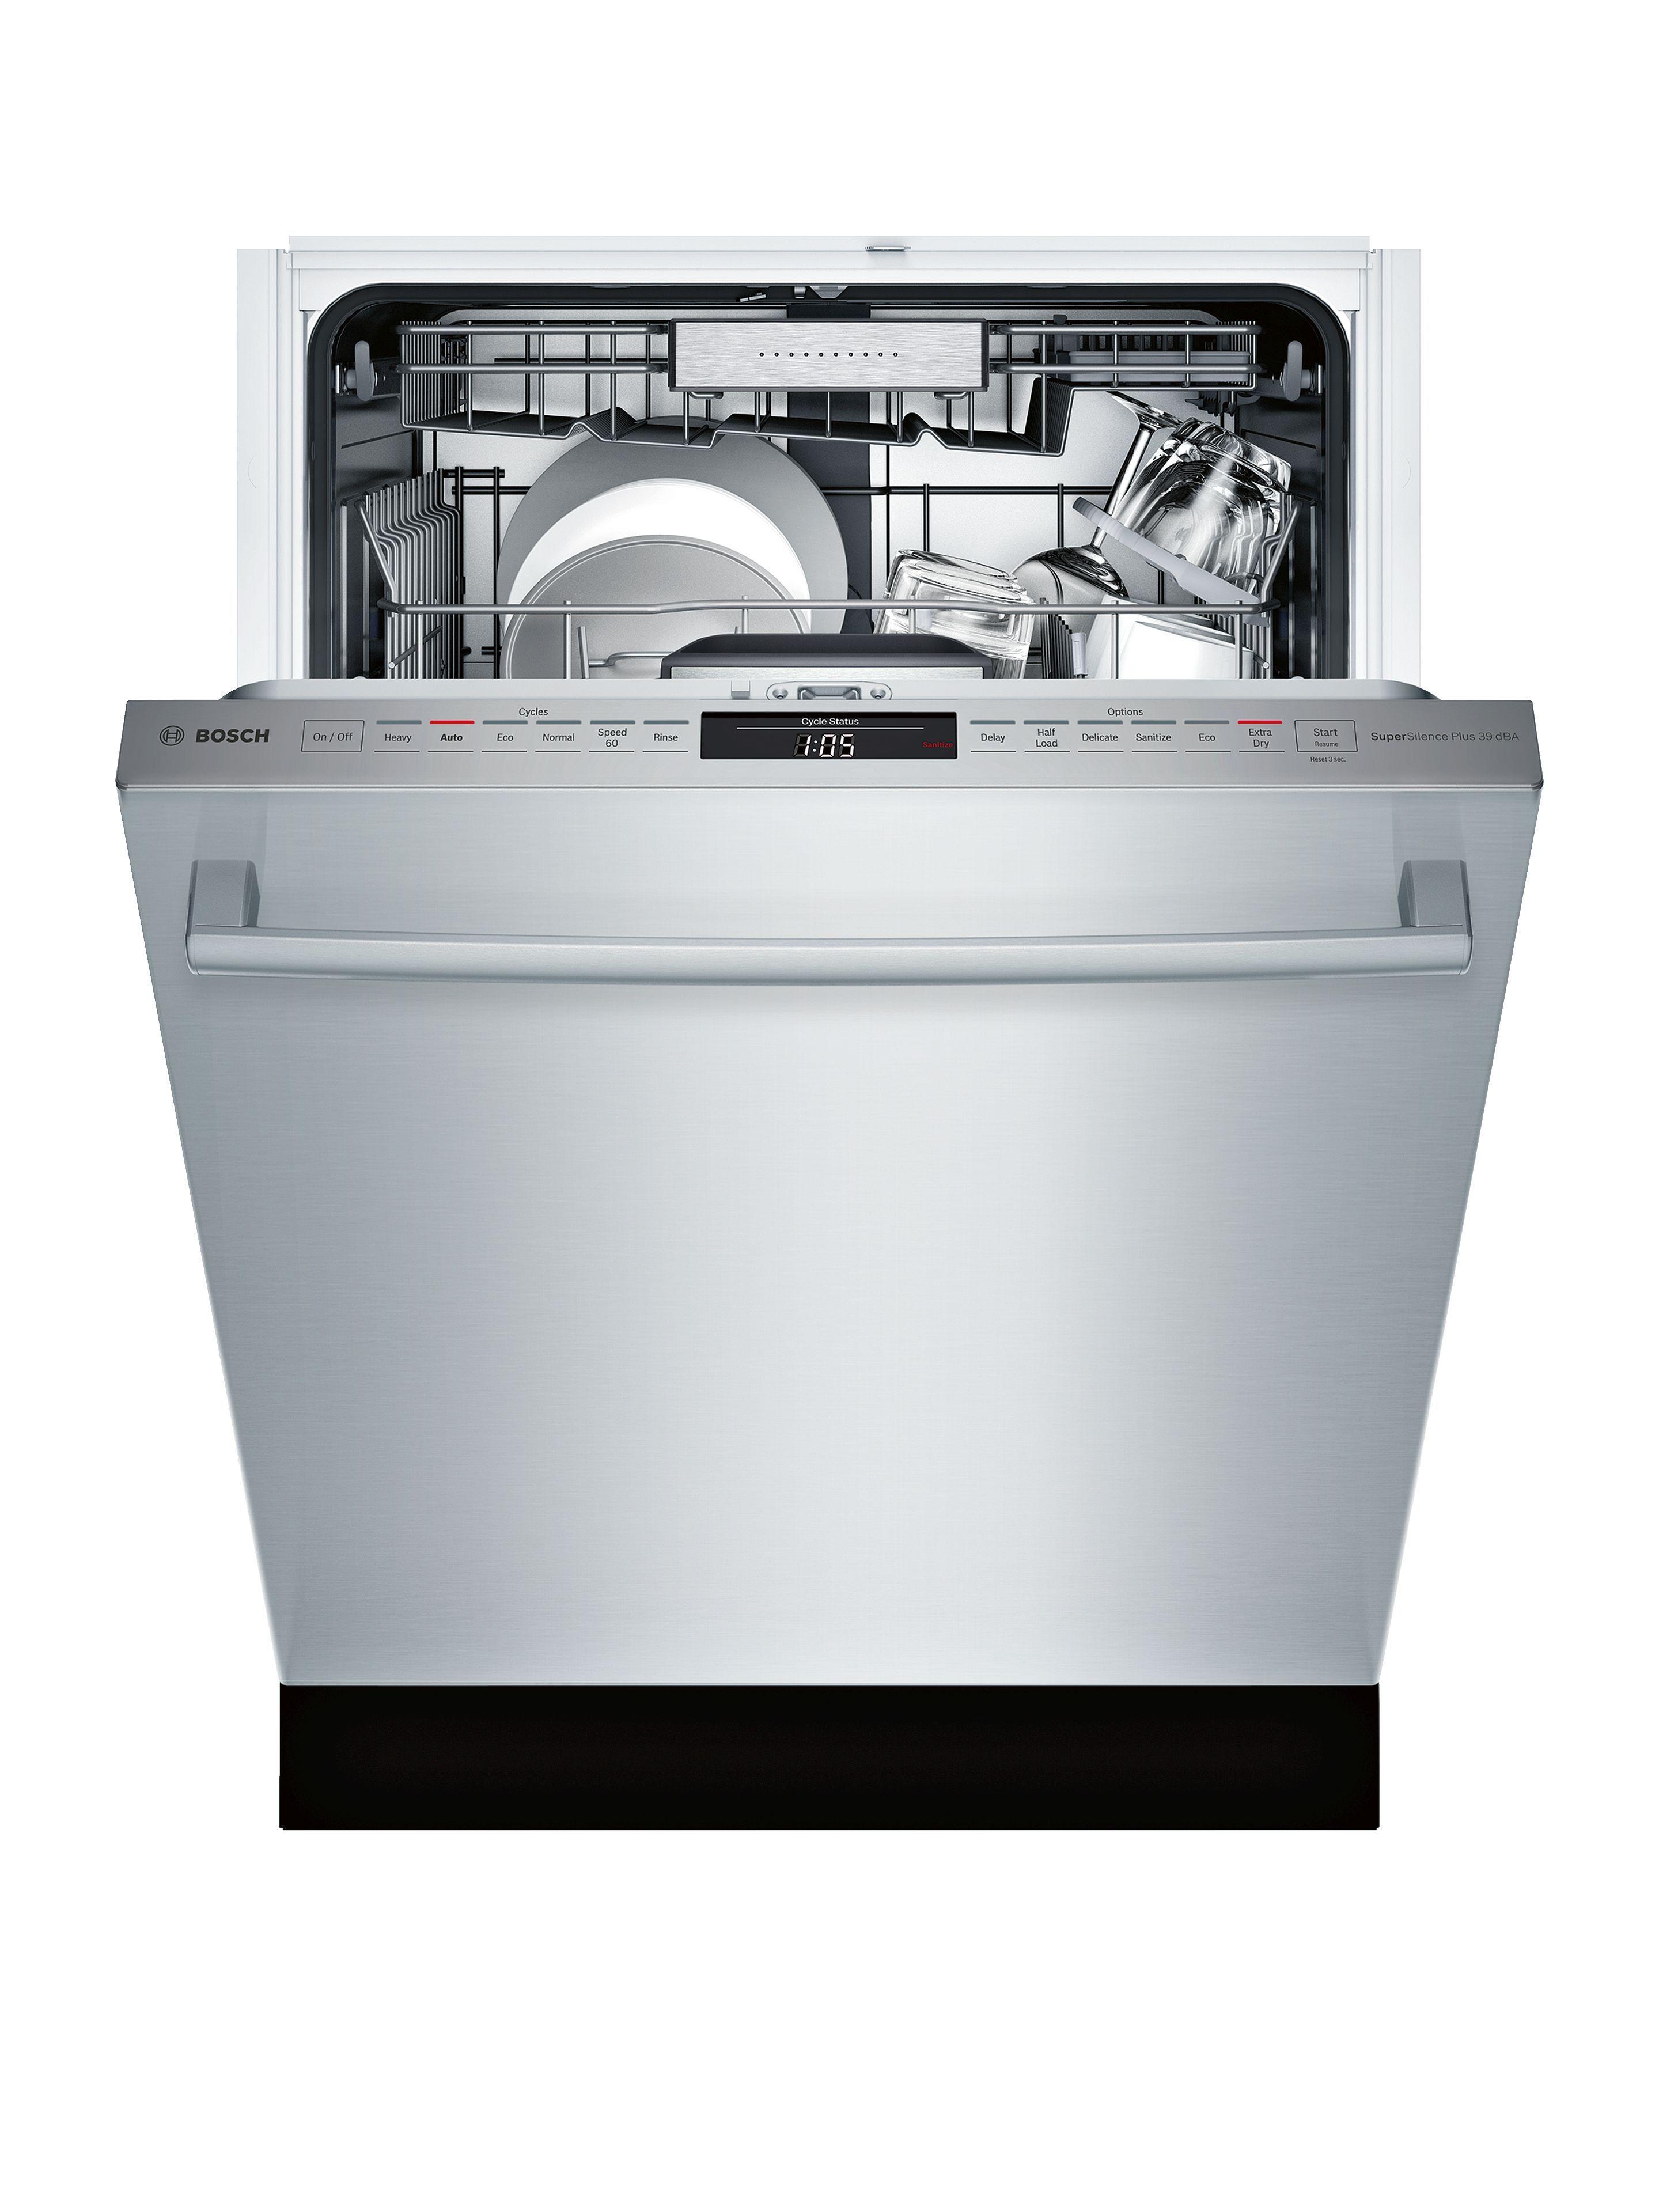 Bosch Shxm98w75n Dishwasher Bosch Dishwashers Dishwasher Bosch